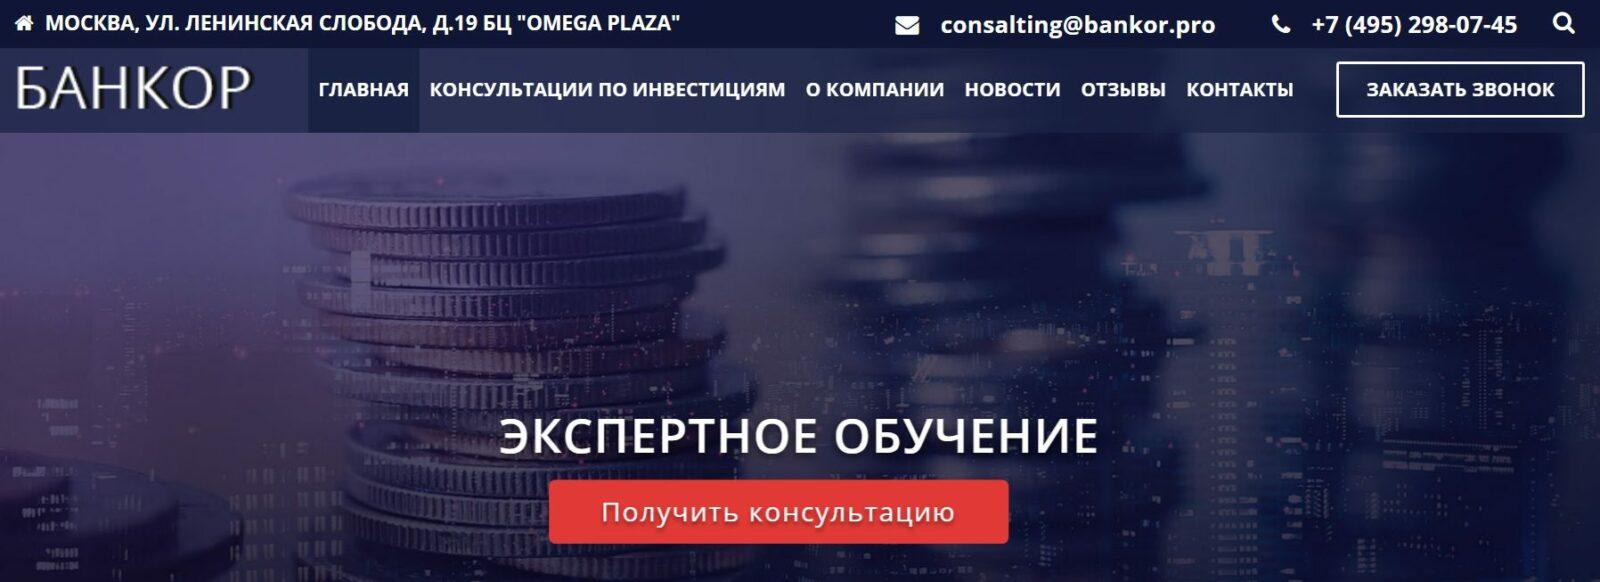 Консалтинговая компания Банкор